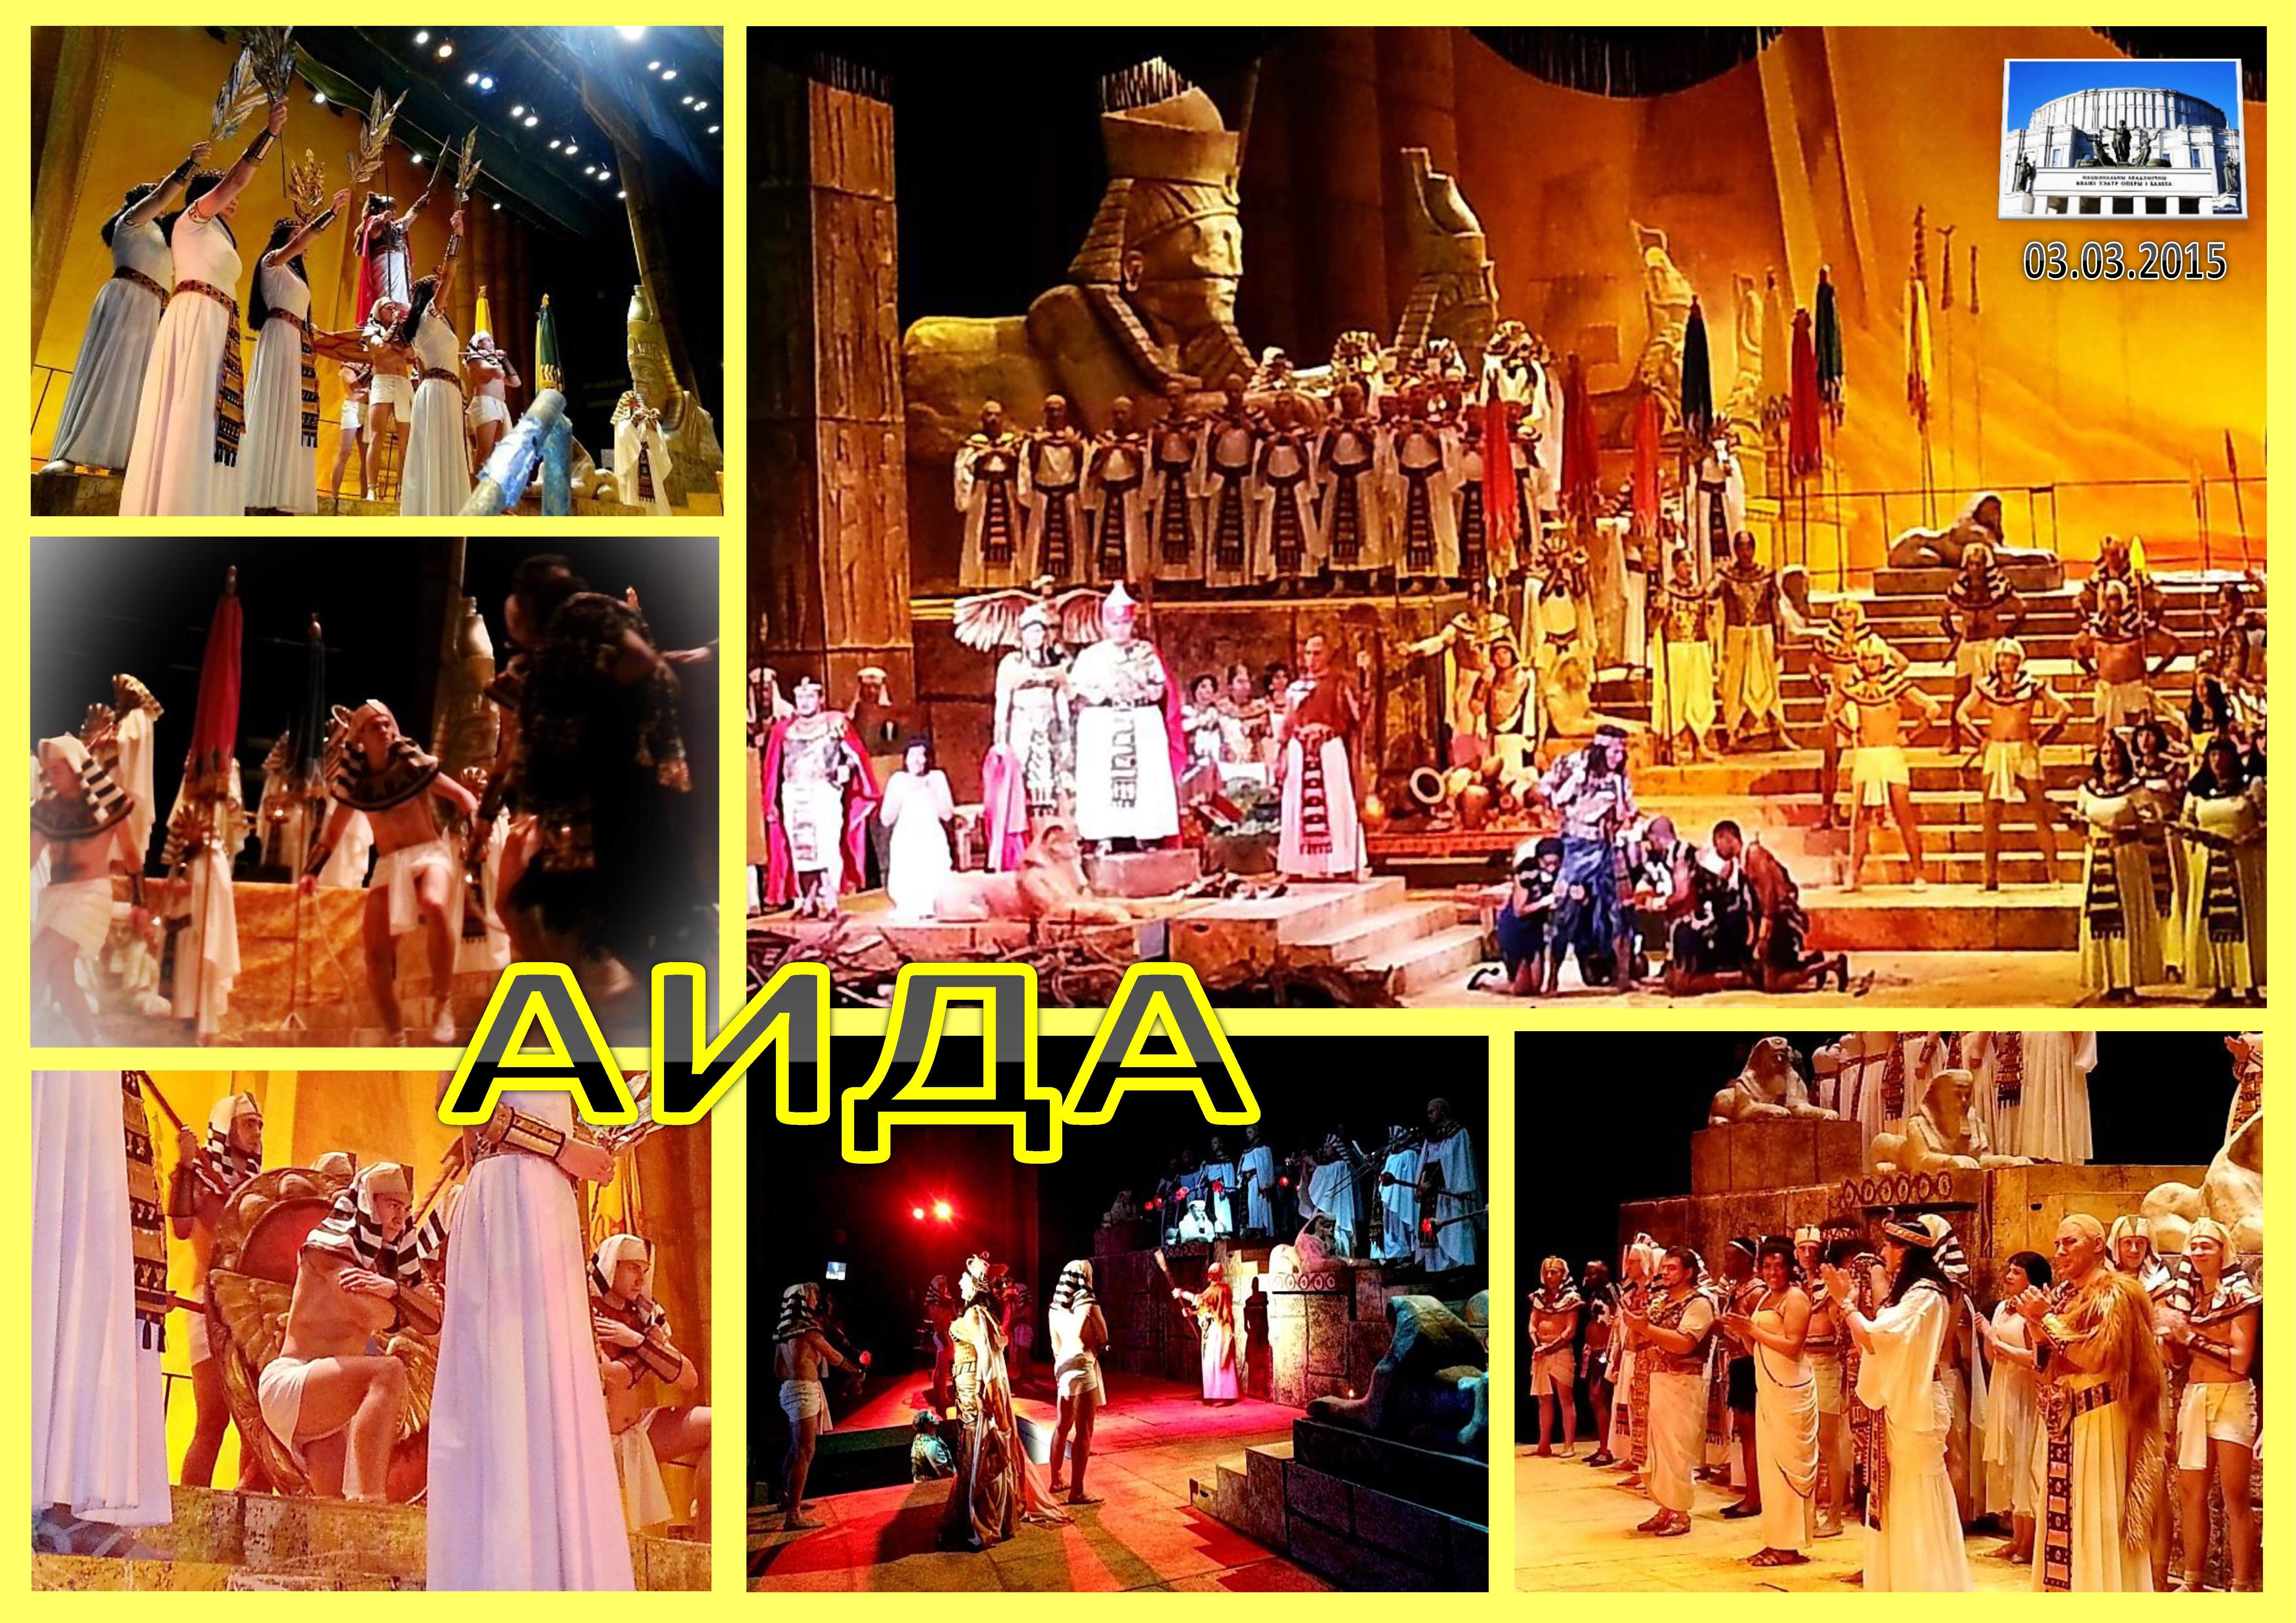 Аида 2015-03 Египетские сюжеты